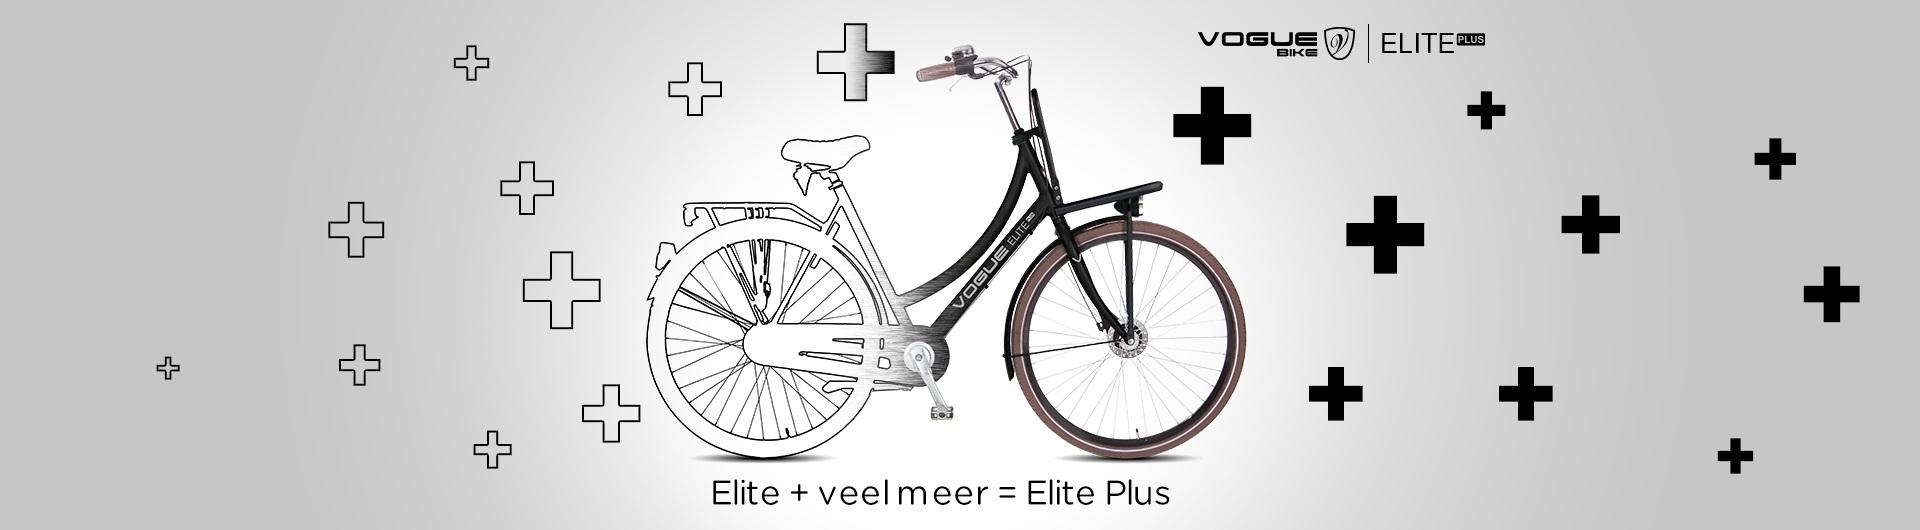 Vogue elite fiets